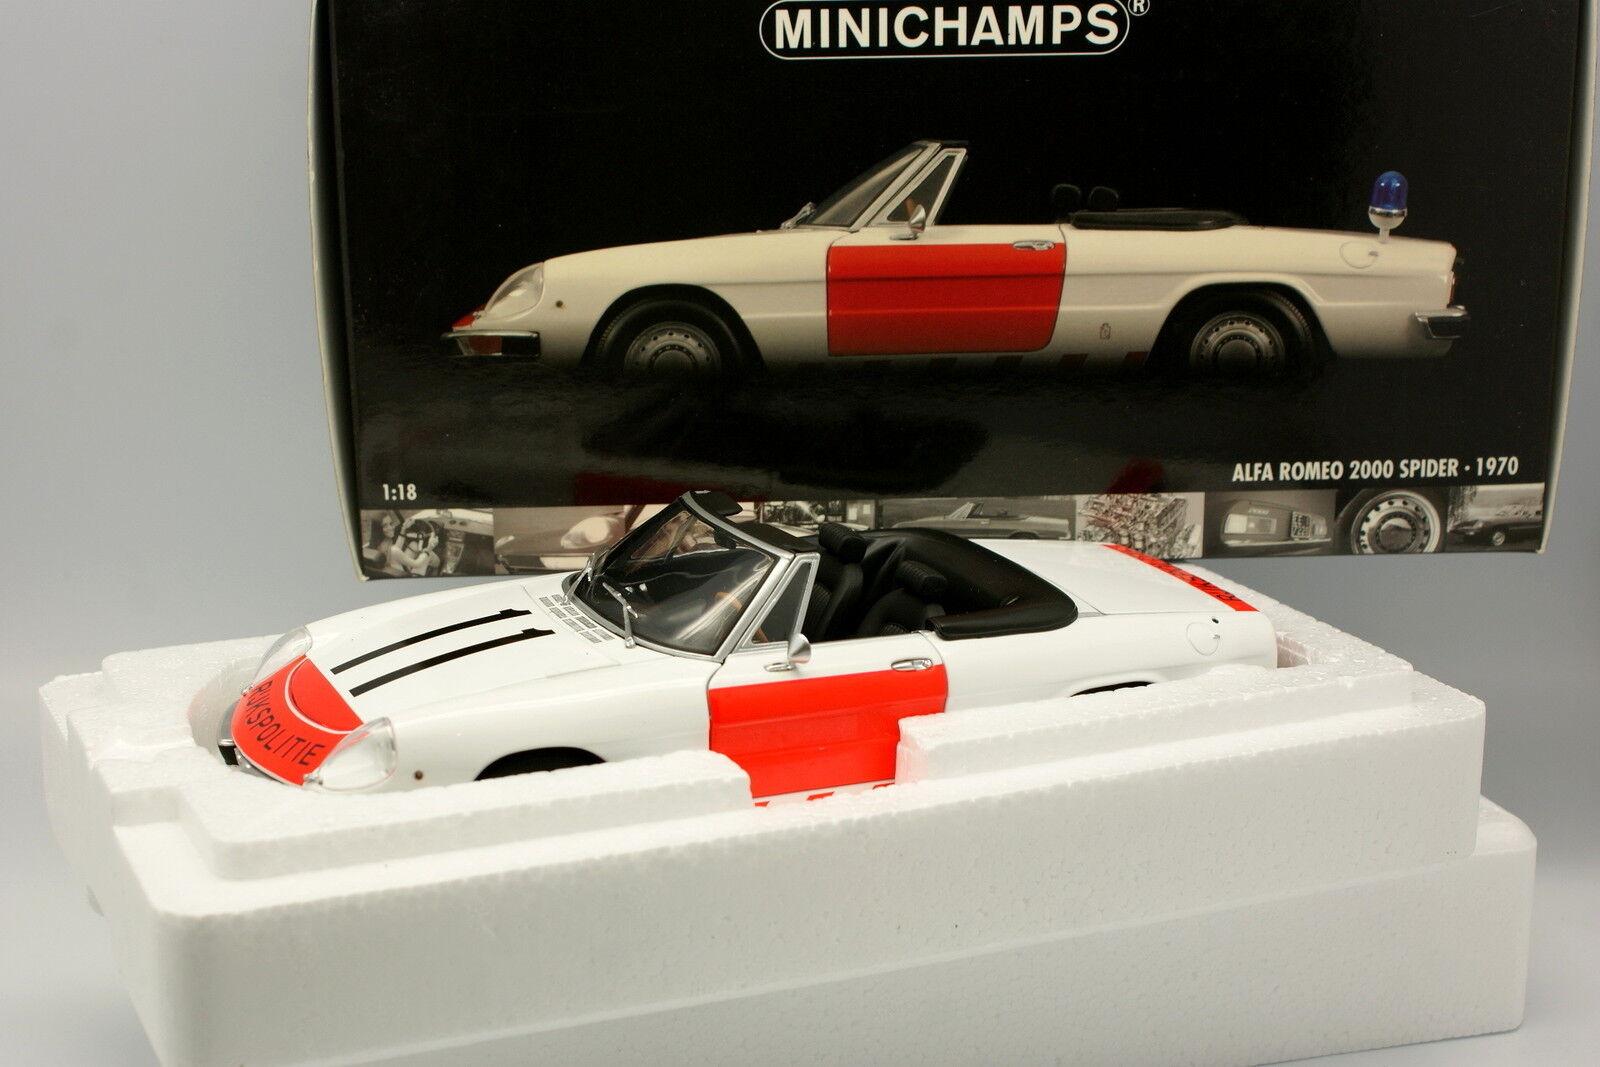 Minichamps 1 18 - Alfa Romeo 2000 Spider Rijskpolitie Police NL